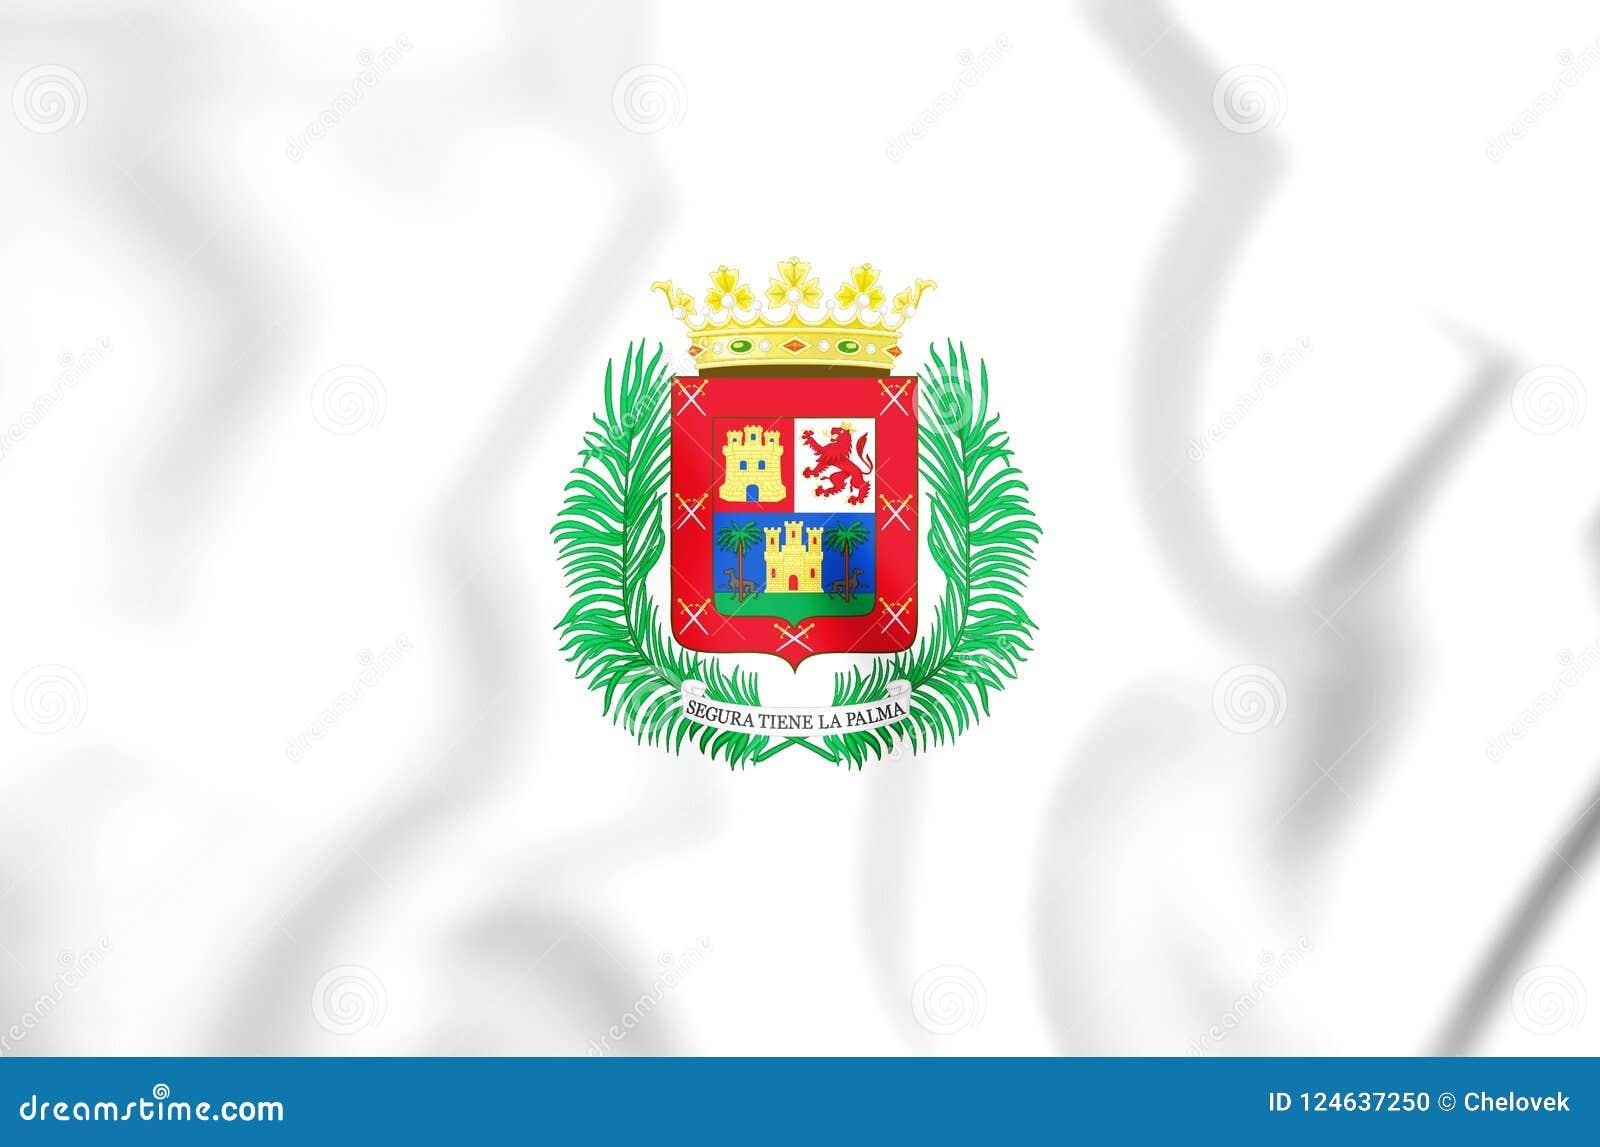 τρισδιάστατη σημαία του Las Palmas de θλγραν θλθαναρηα, Ισπανία